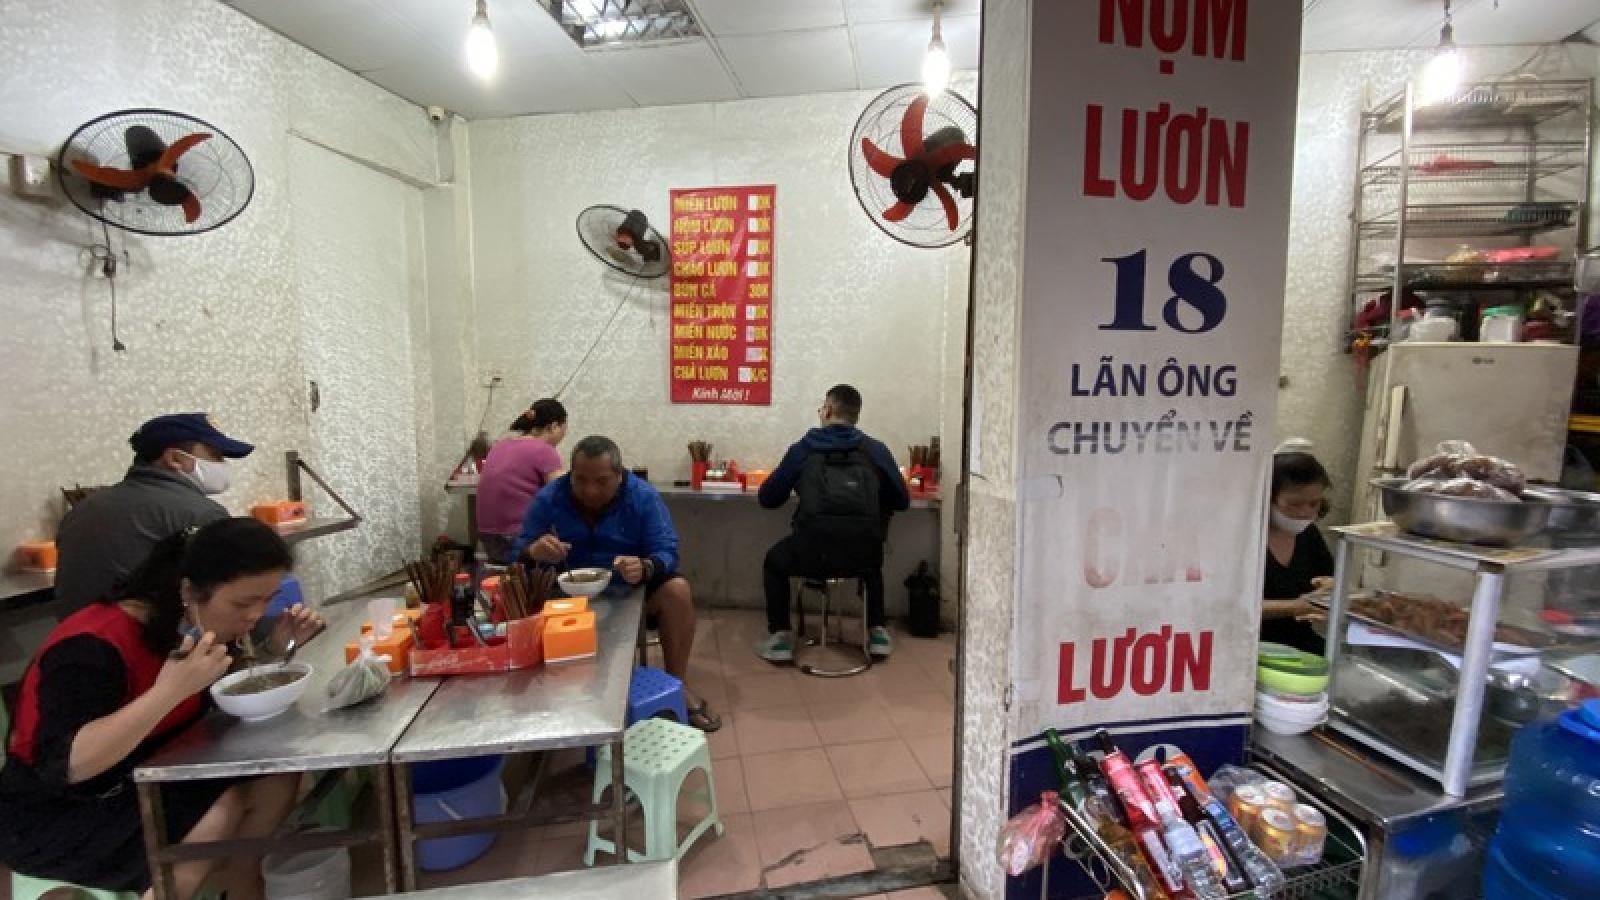 Hàng ăn uống ở Hà Nội rục rịch mở cửa sau nới lỏng cách ly xã hội